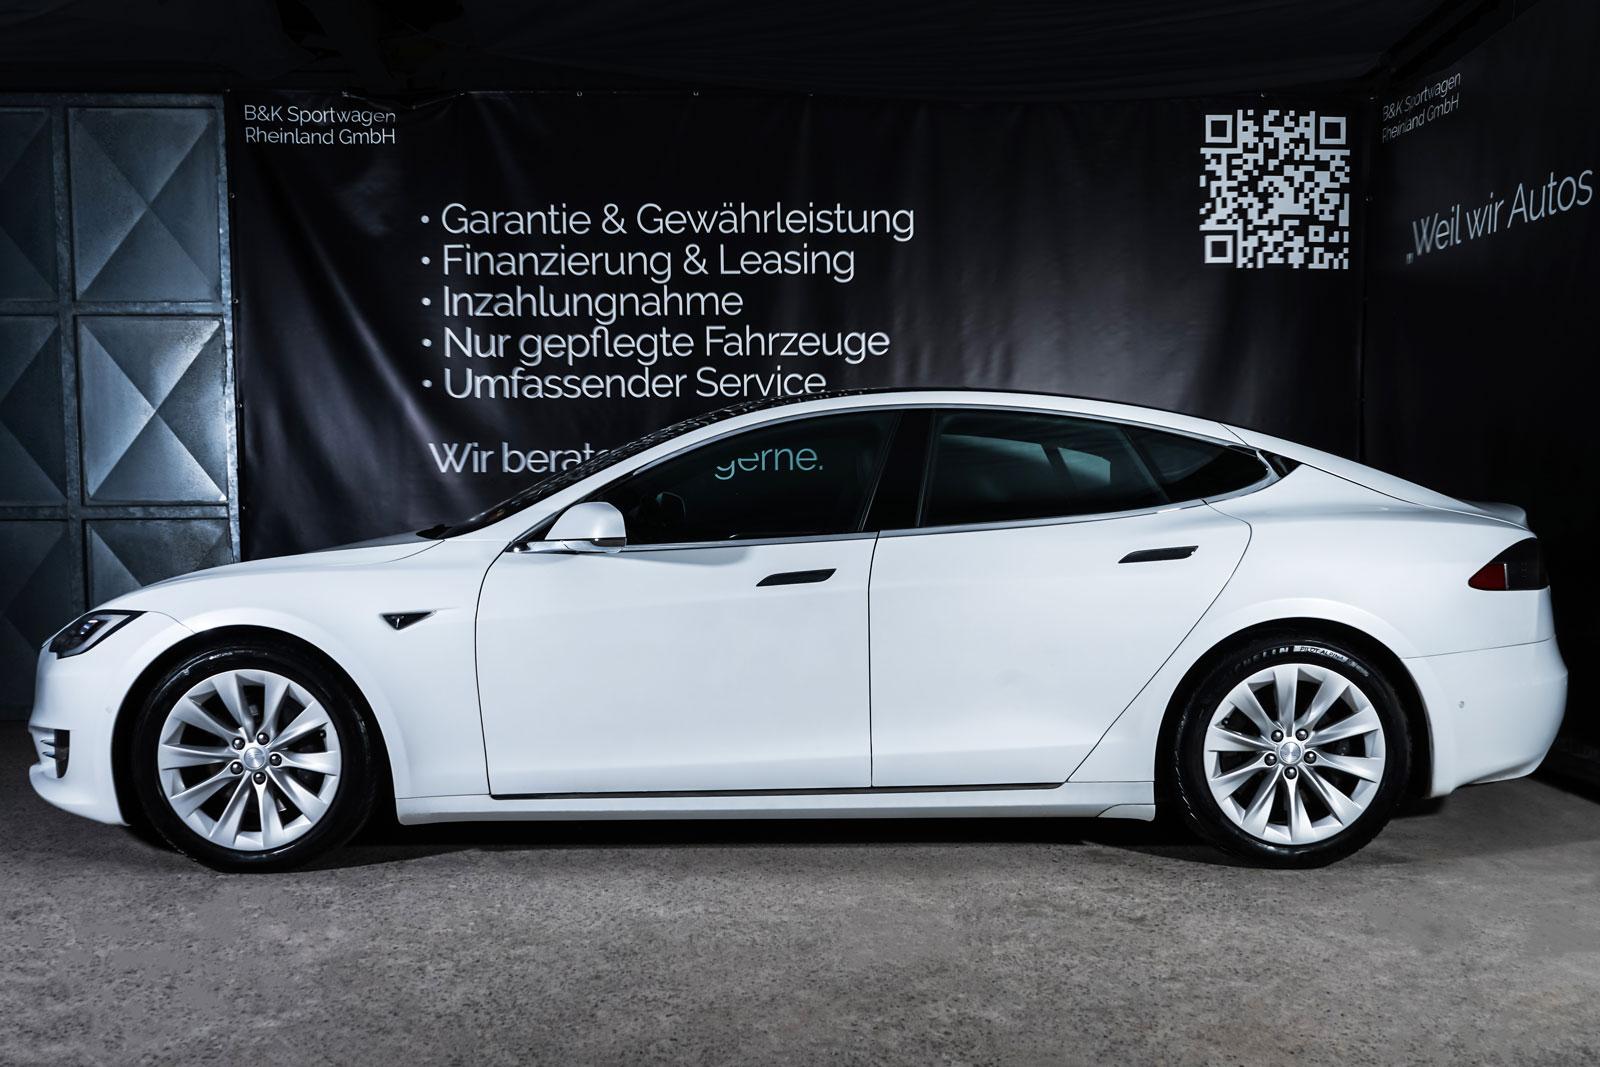 Tesla_ModelS_90D_Weiß_Schwarz_TES-0714_5_w